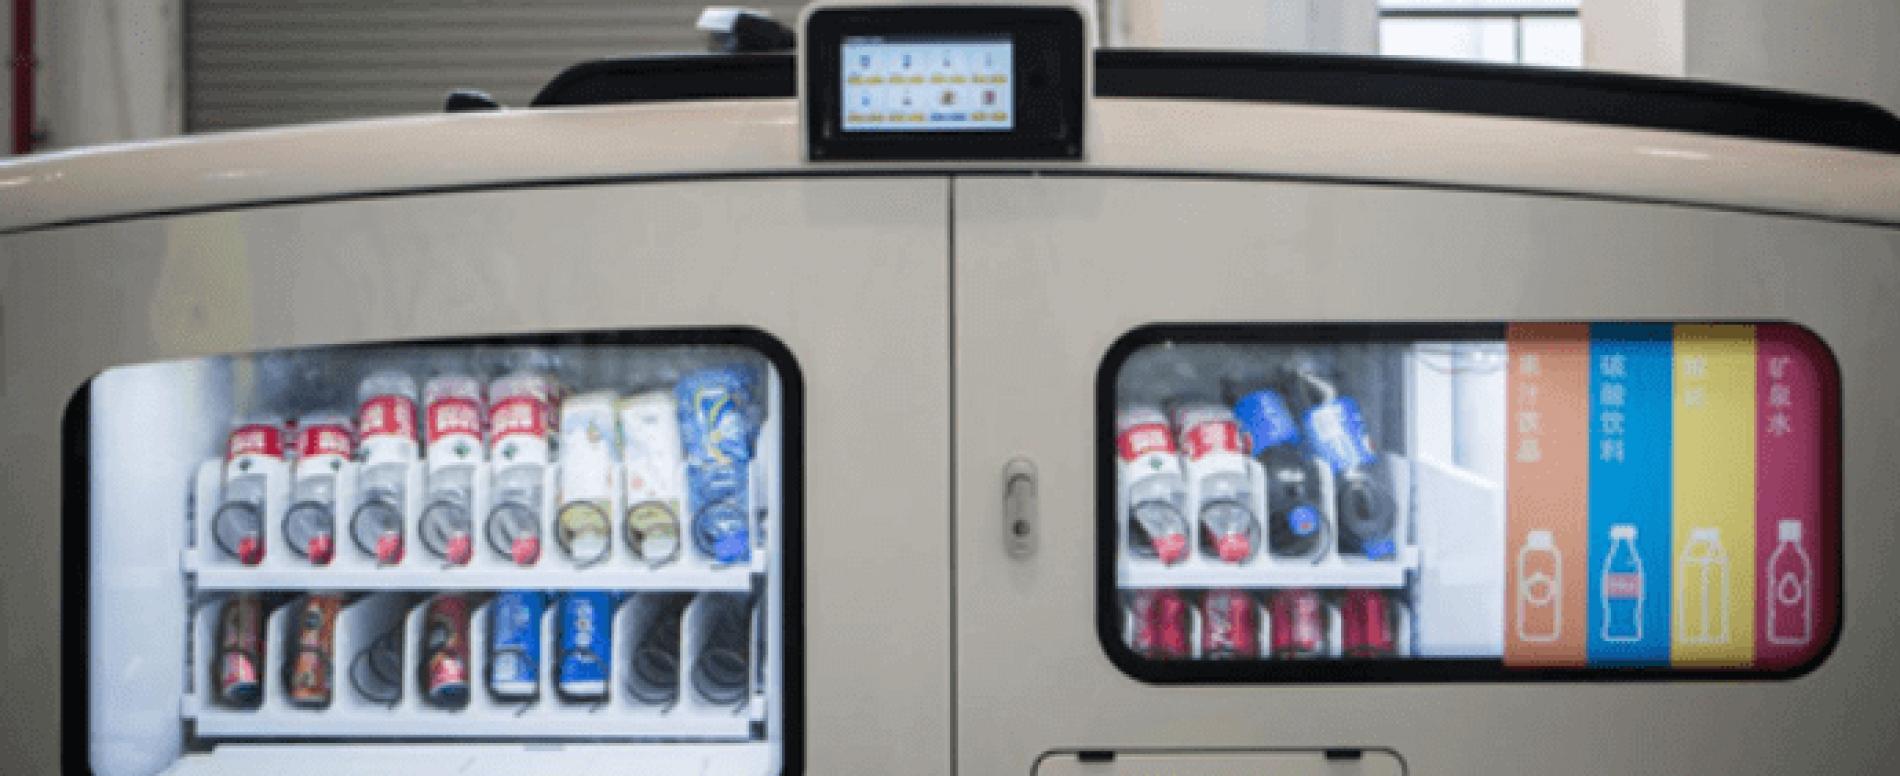 Dalla Cina un van a guida autonoma che è anche una vending machine